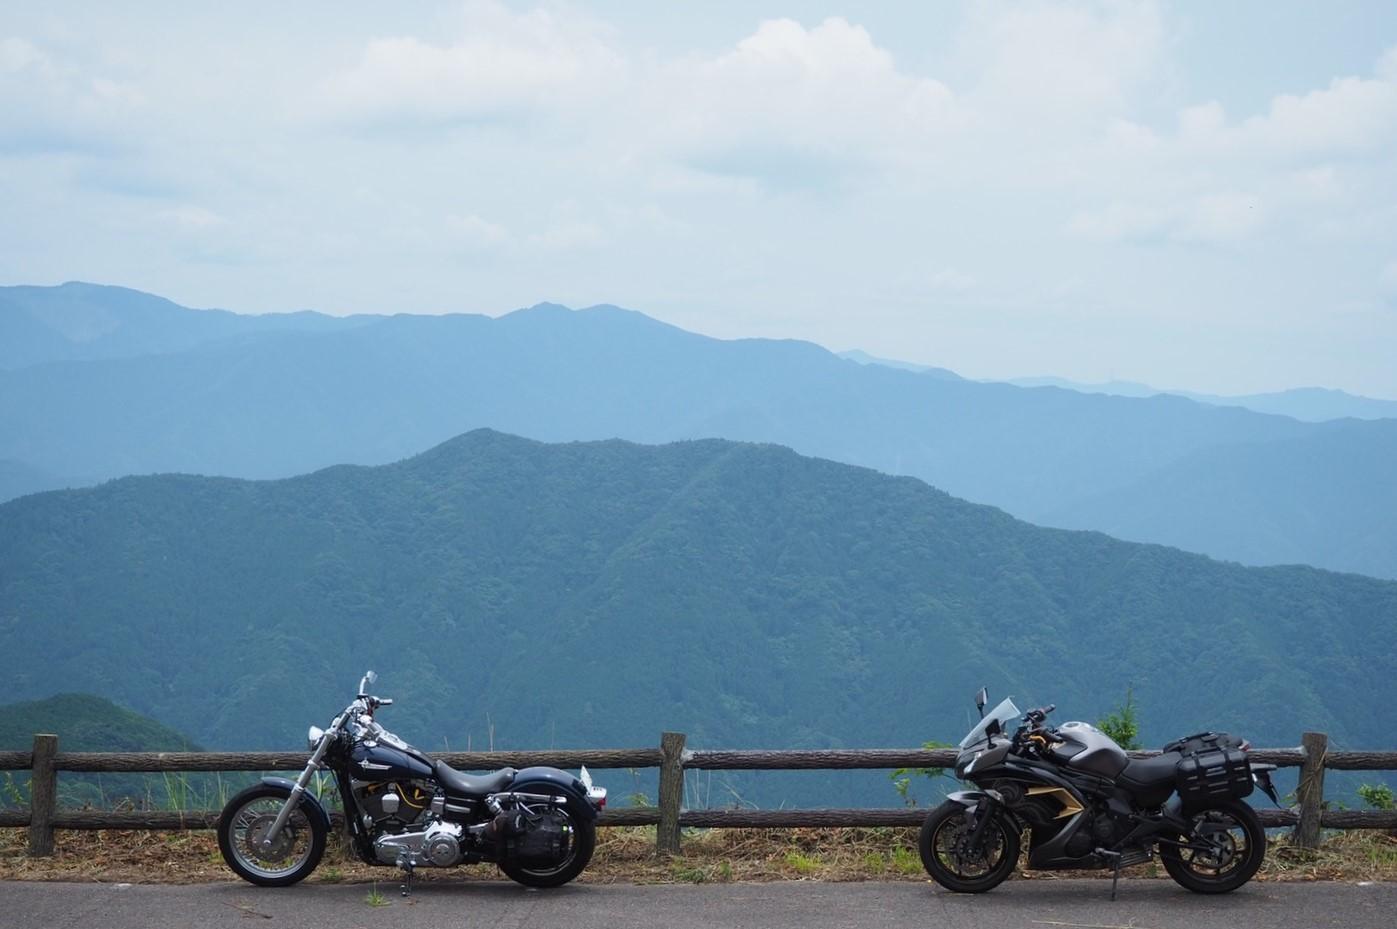 ぴーきち&ダイナ ハーレーブログ 和歌山有田ツーリング 生石高原 付近の景色